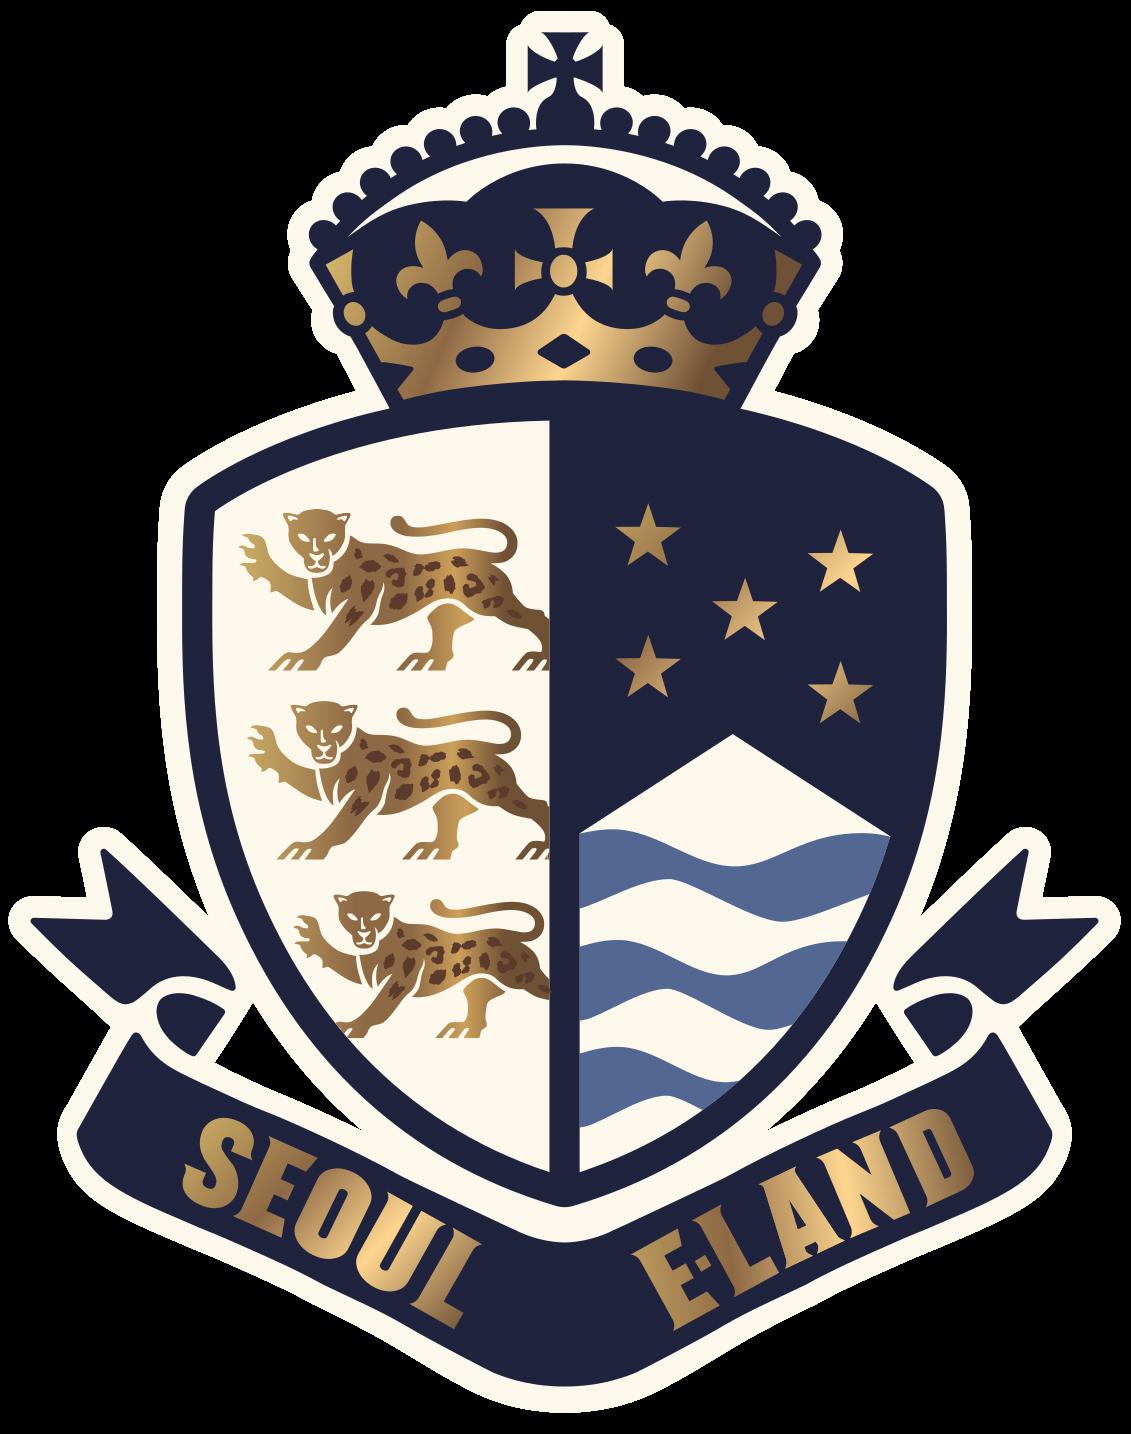 파일:external/s20.postimg.org/seoul_Eland_logo.png